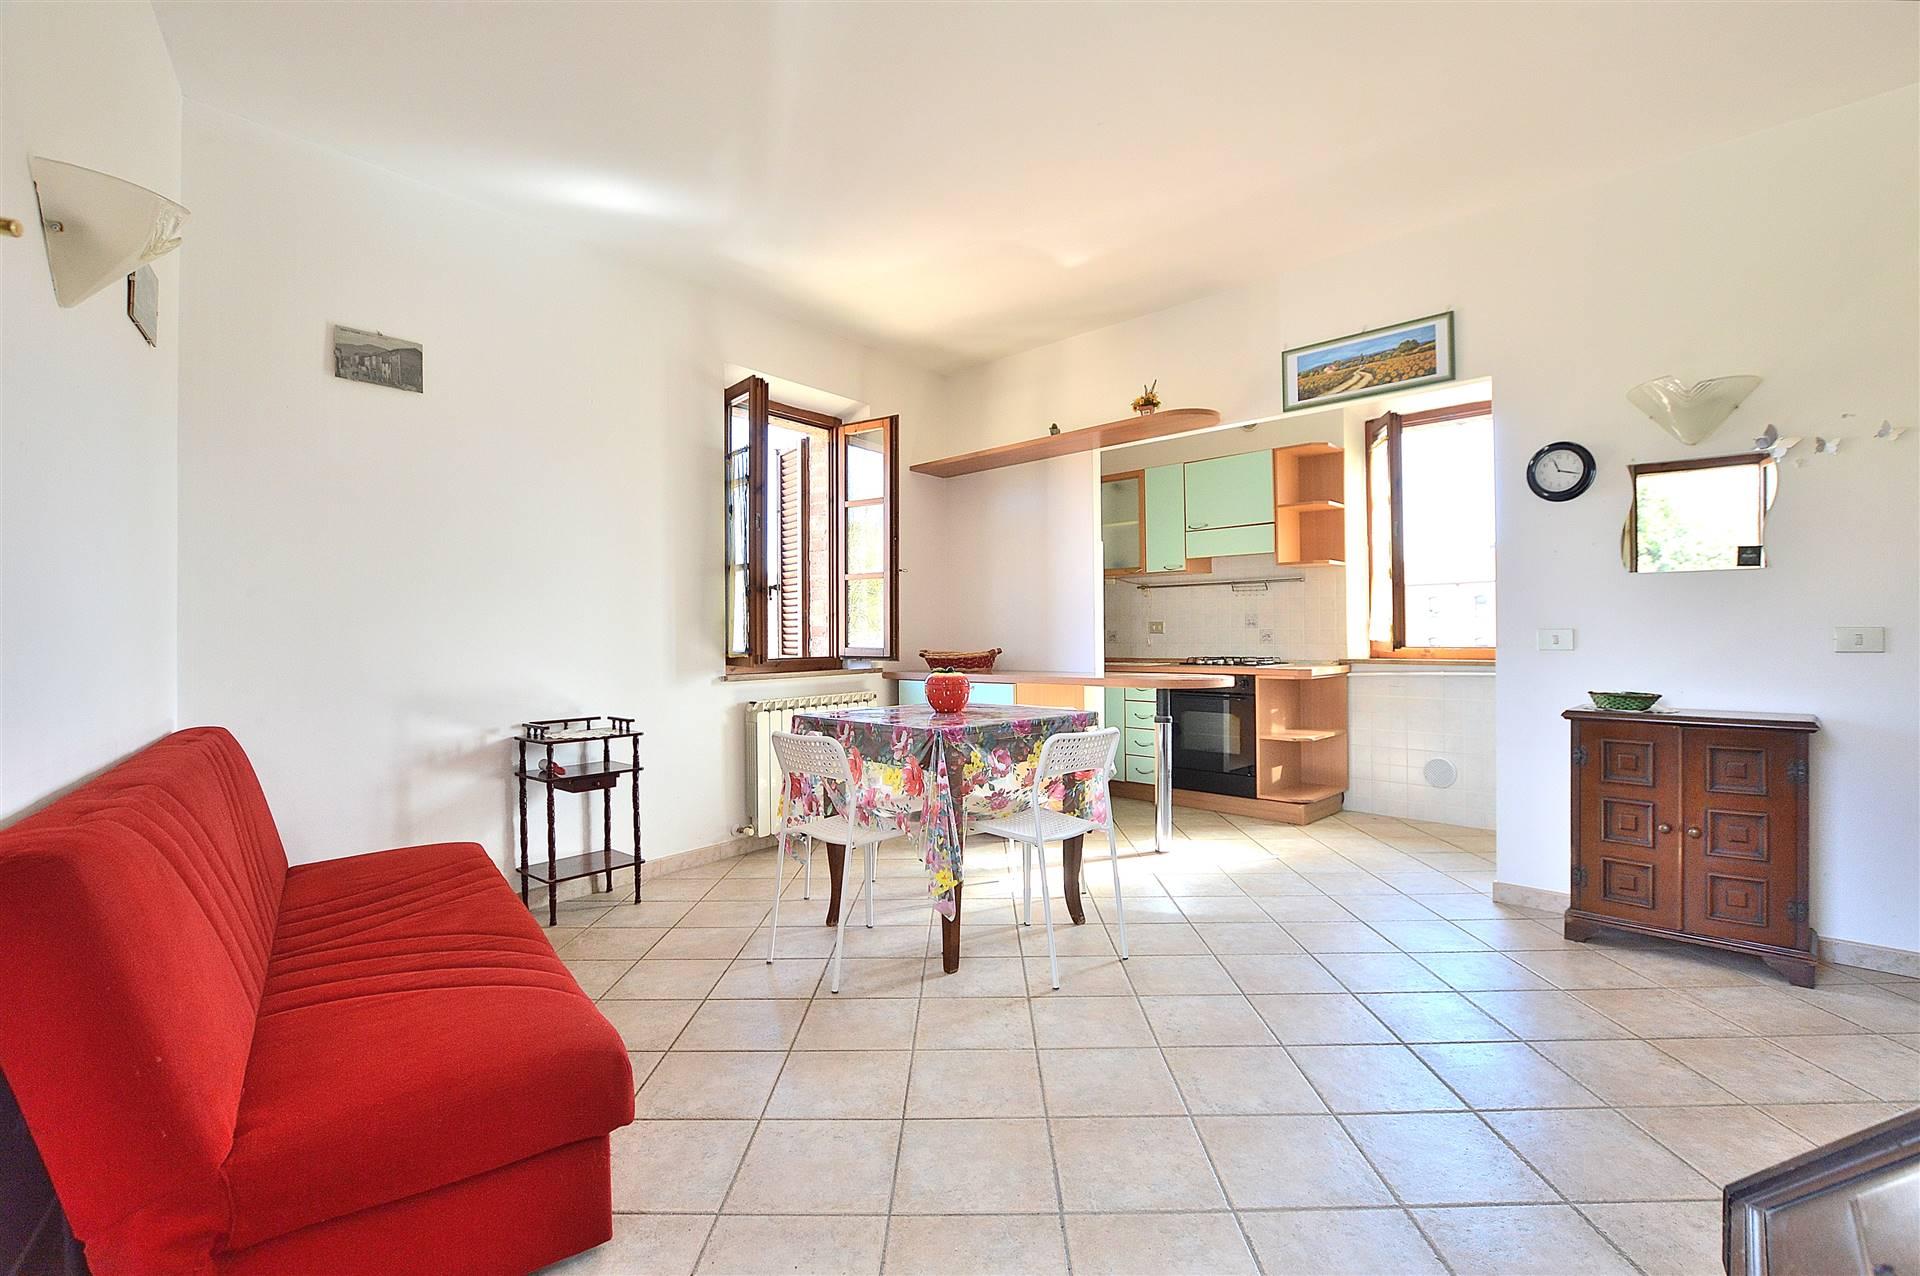 Pian delle Fornaci, in piacevole contesto residenziale, proponiamo ampio bilocale posto al piano primo ed ultimo di una piccola palazzina in mattoni